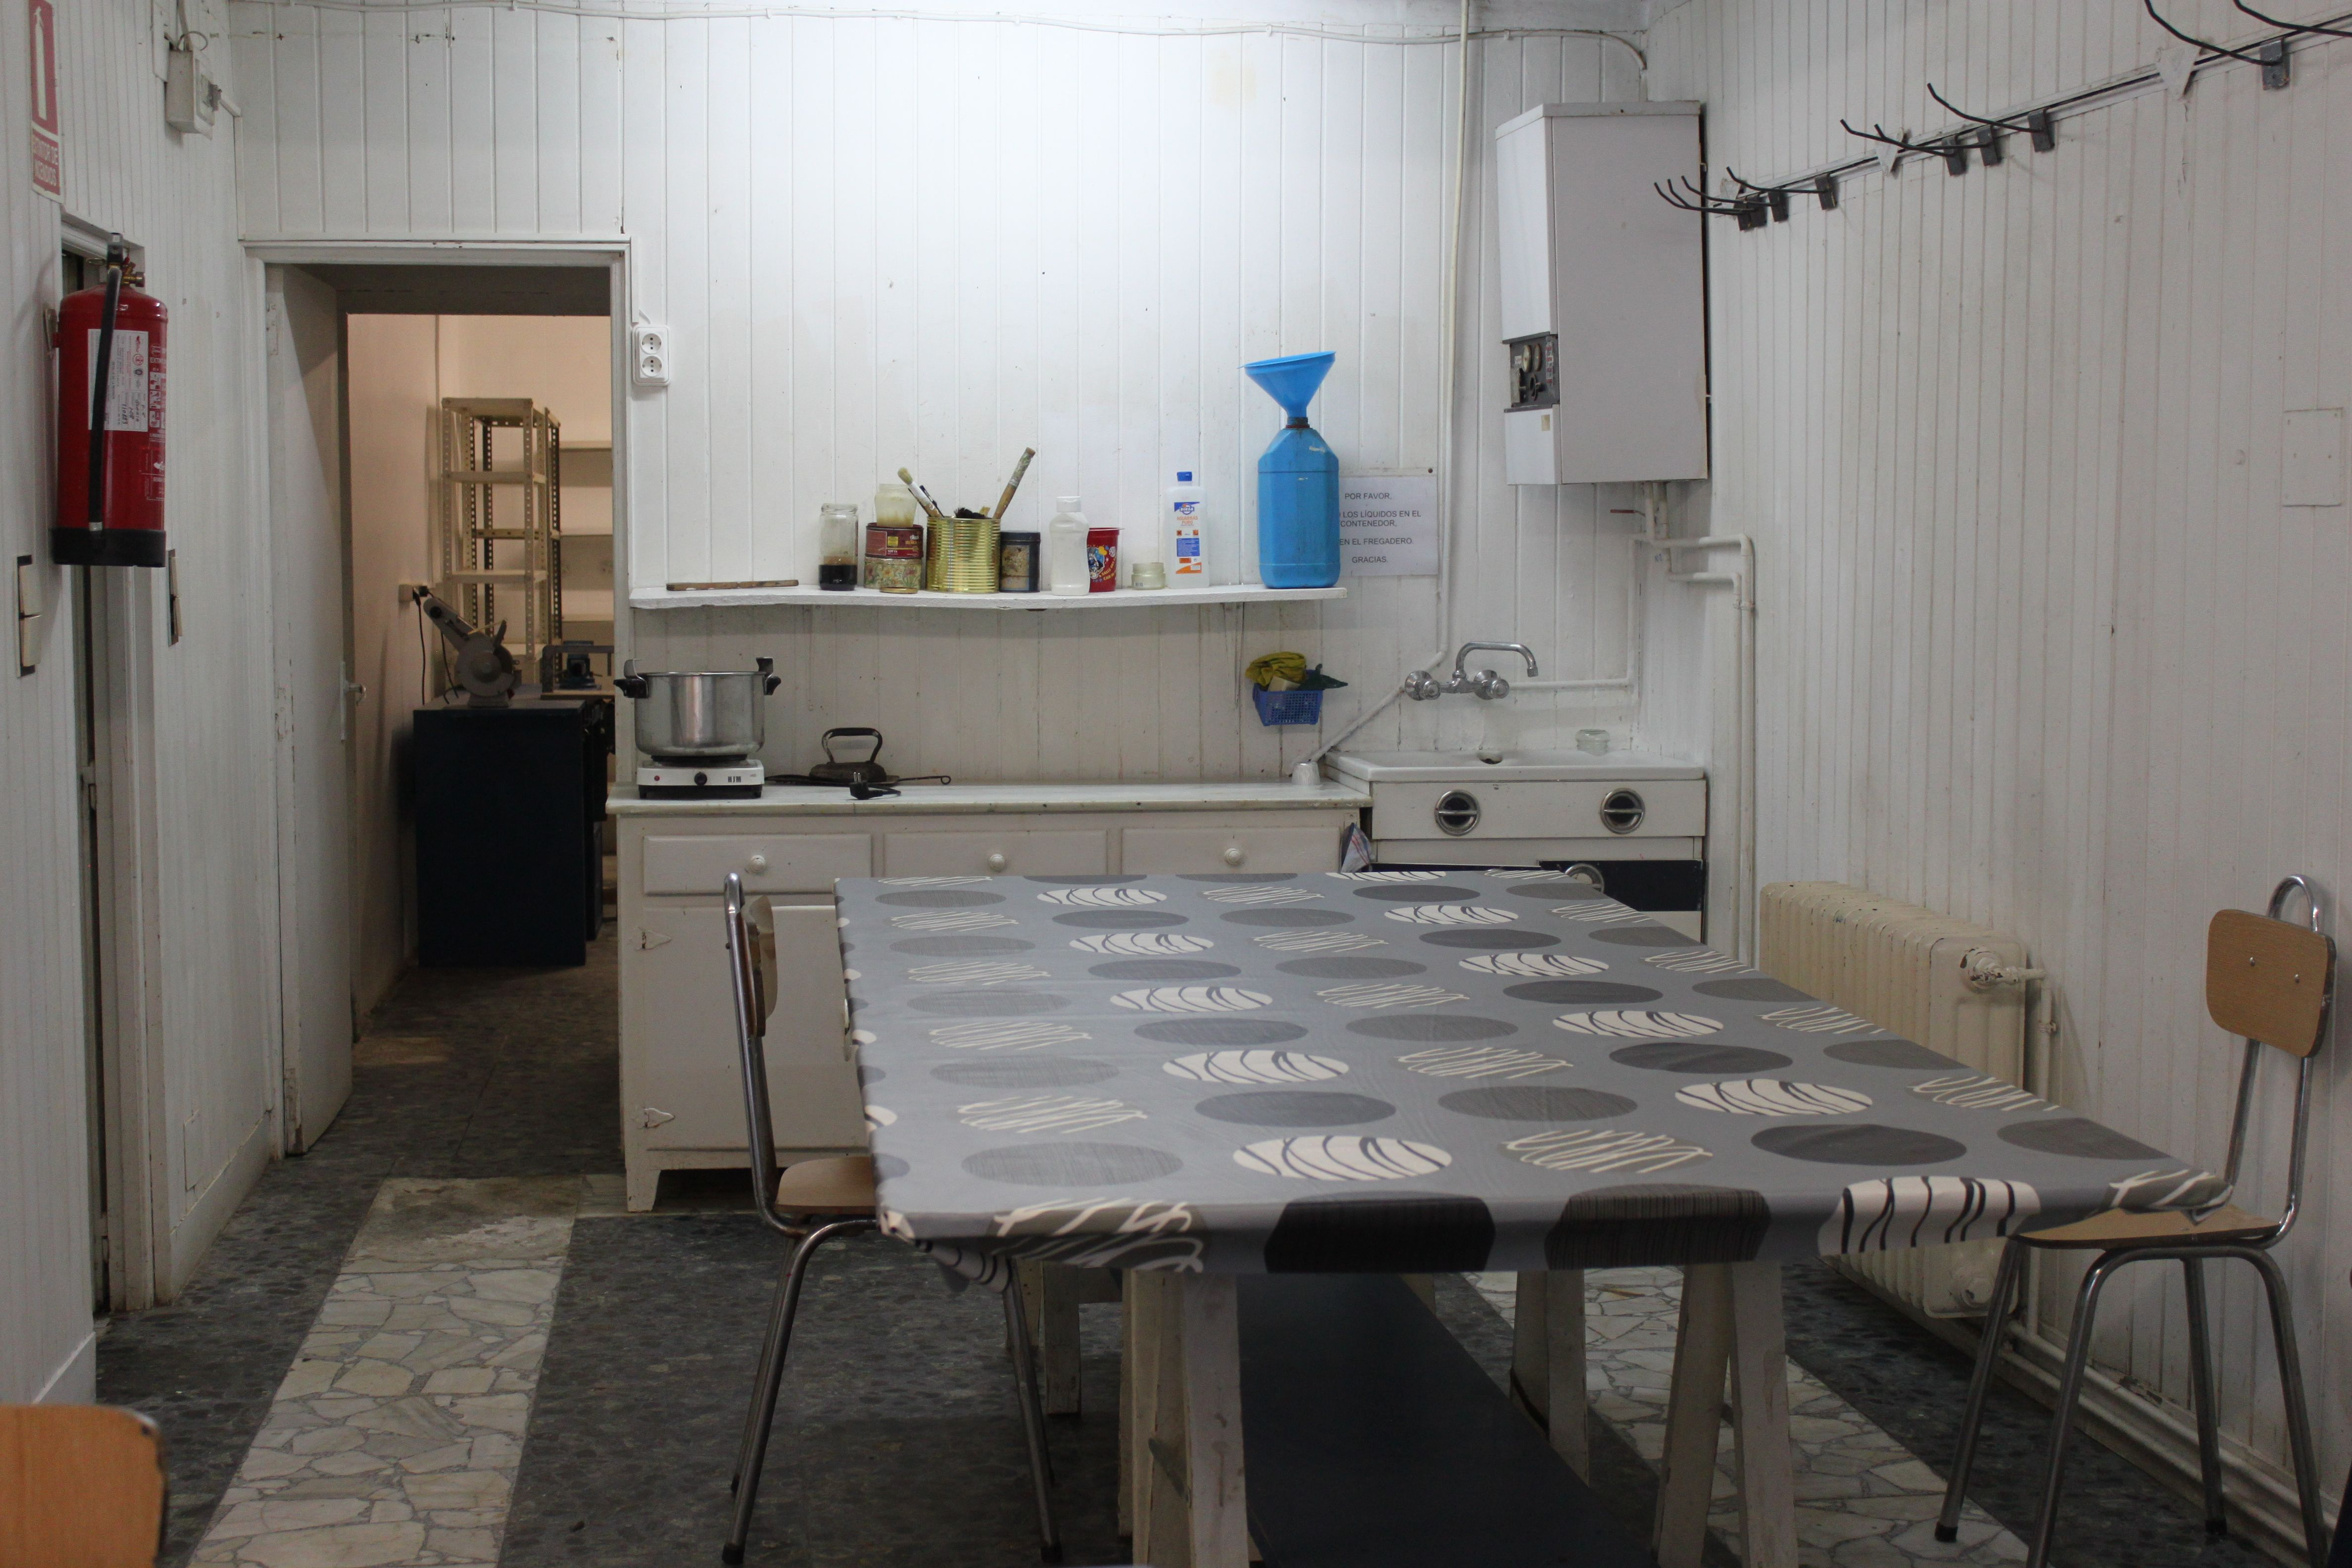 Aula De Trabajo Para Las Clases De Restauraci N Y Reciclaje De  ~ Cursos Restauracion Muebles Madrid